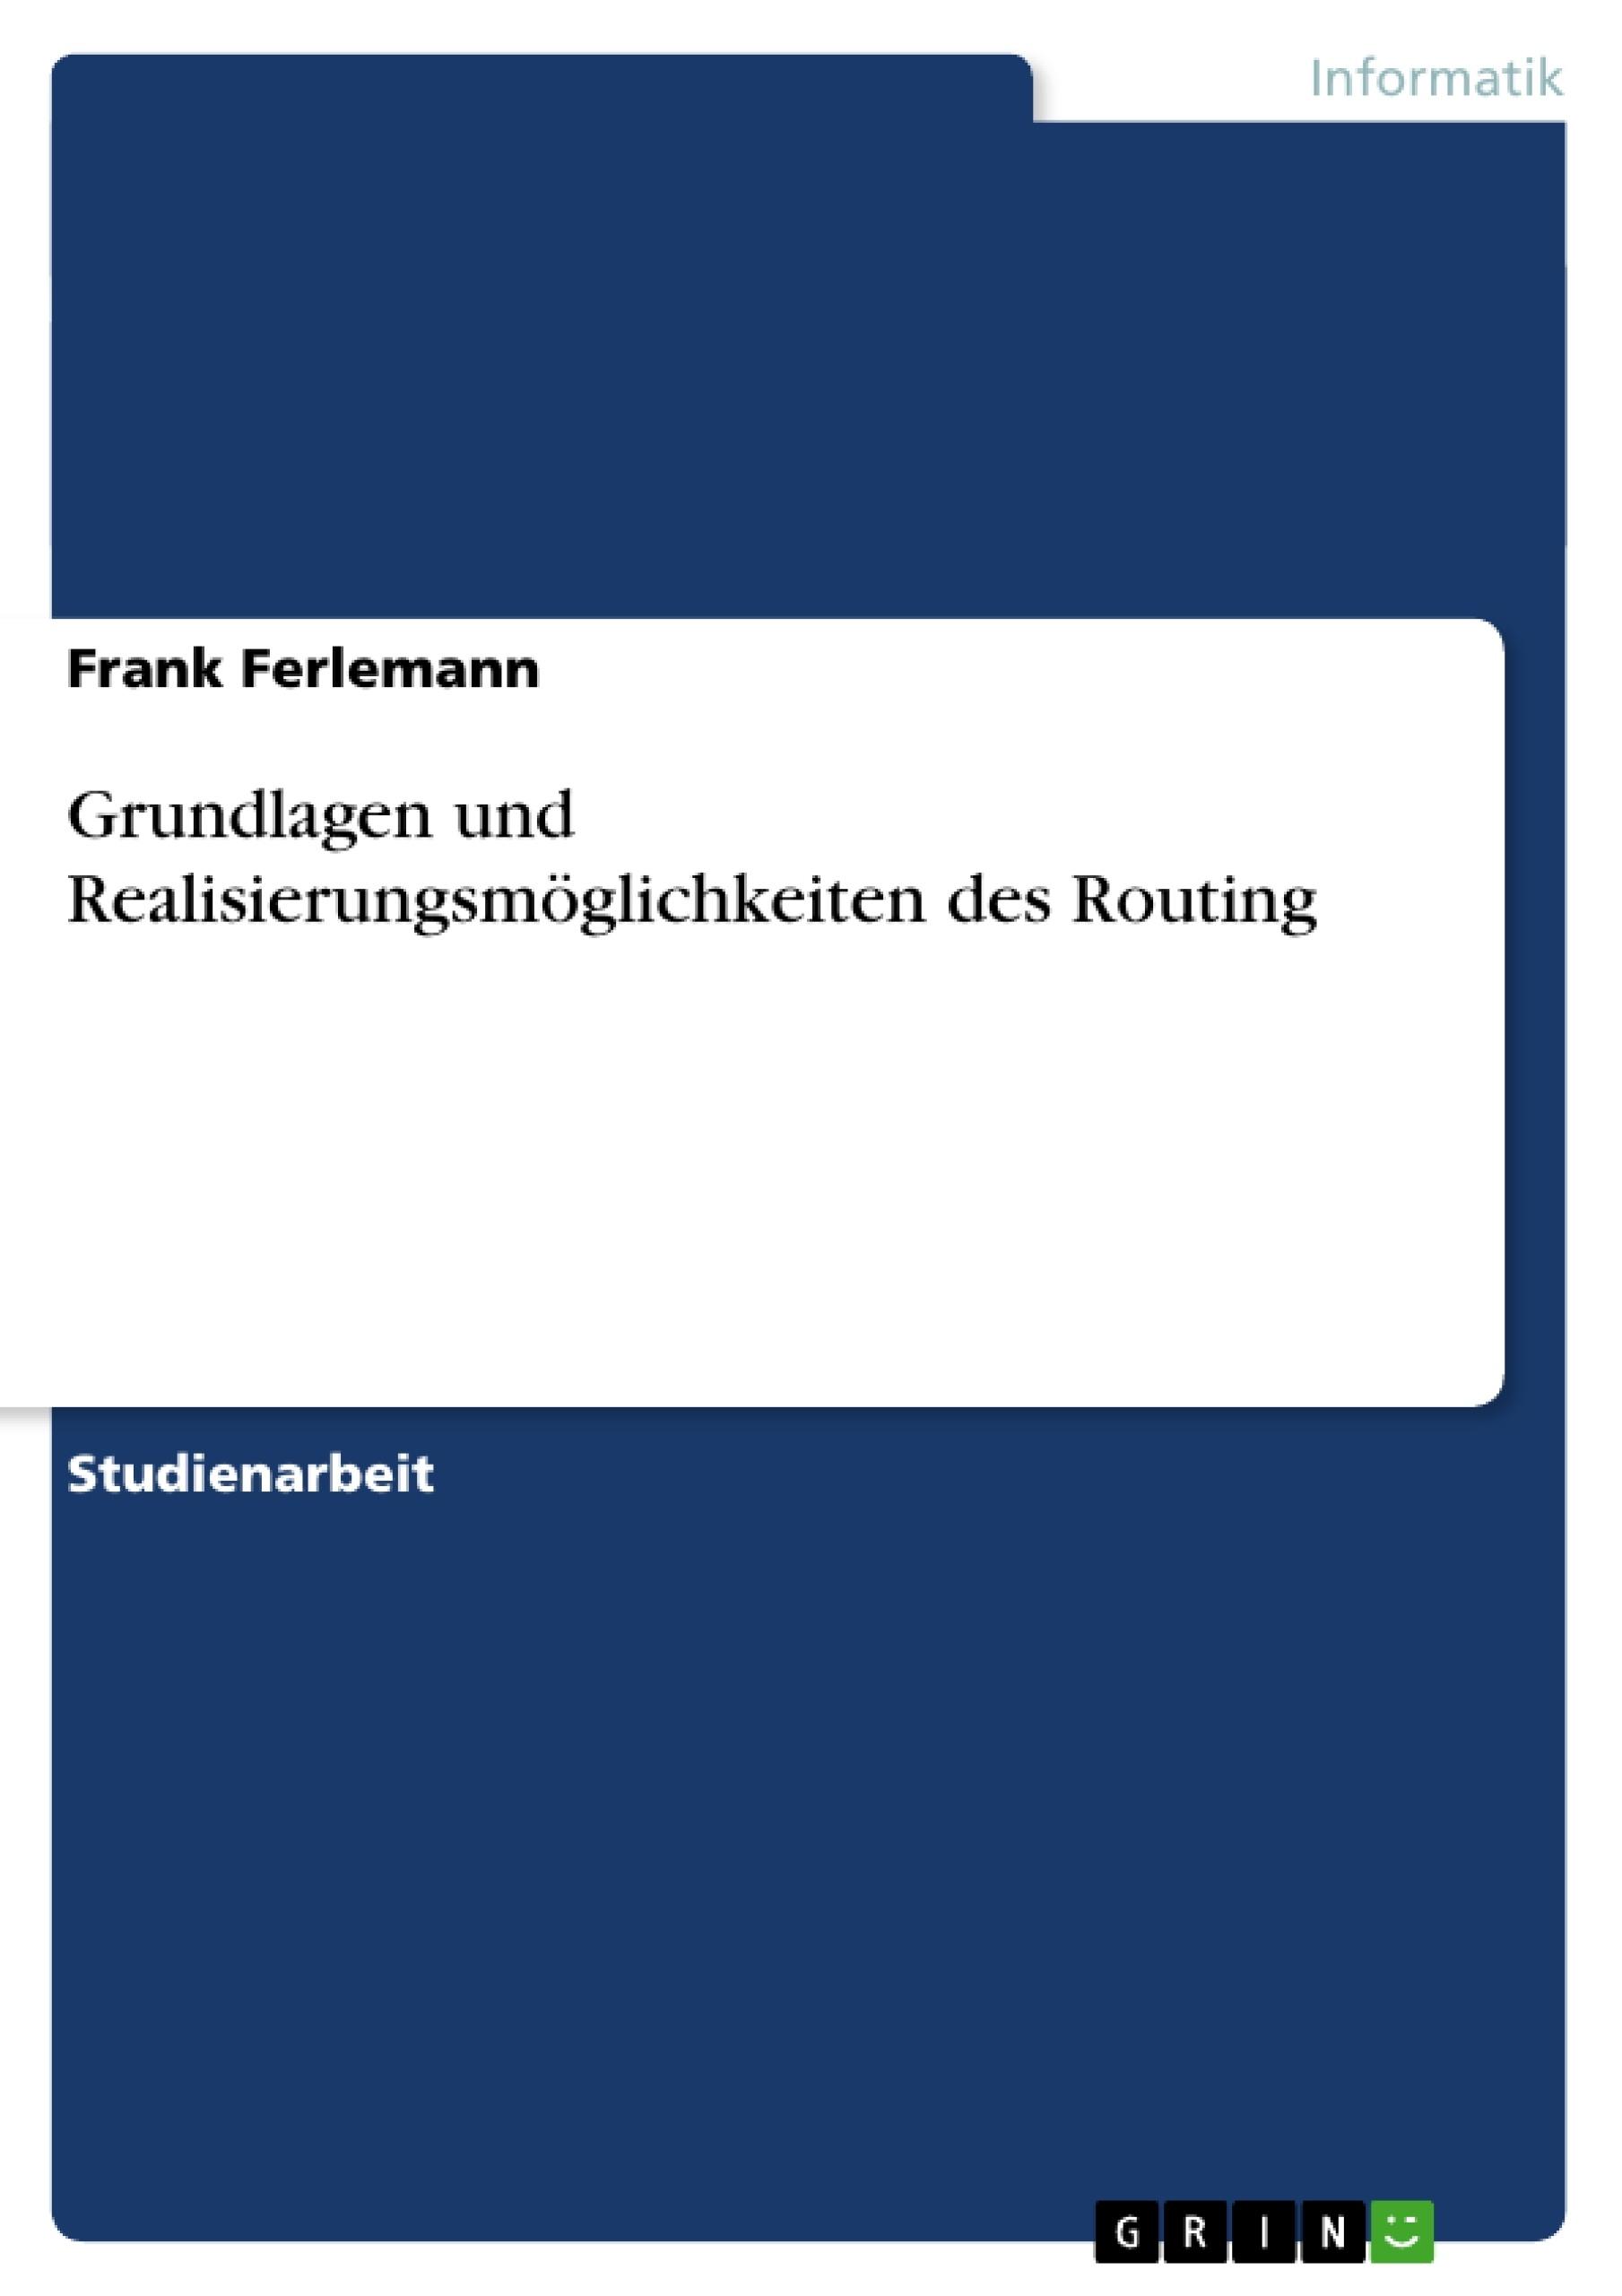 Titel: Grundlagen und Realisierungsmöglichkeiten des Routing